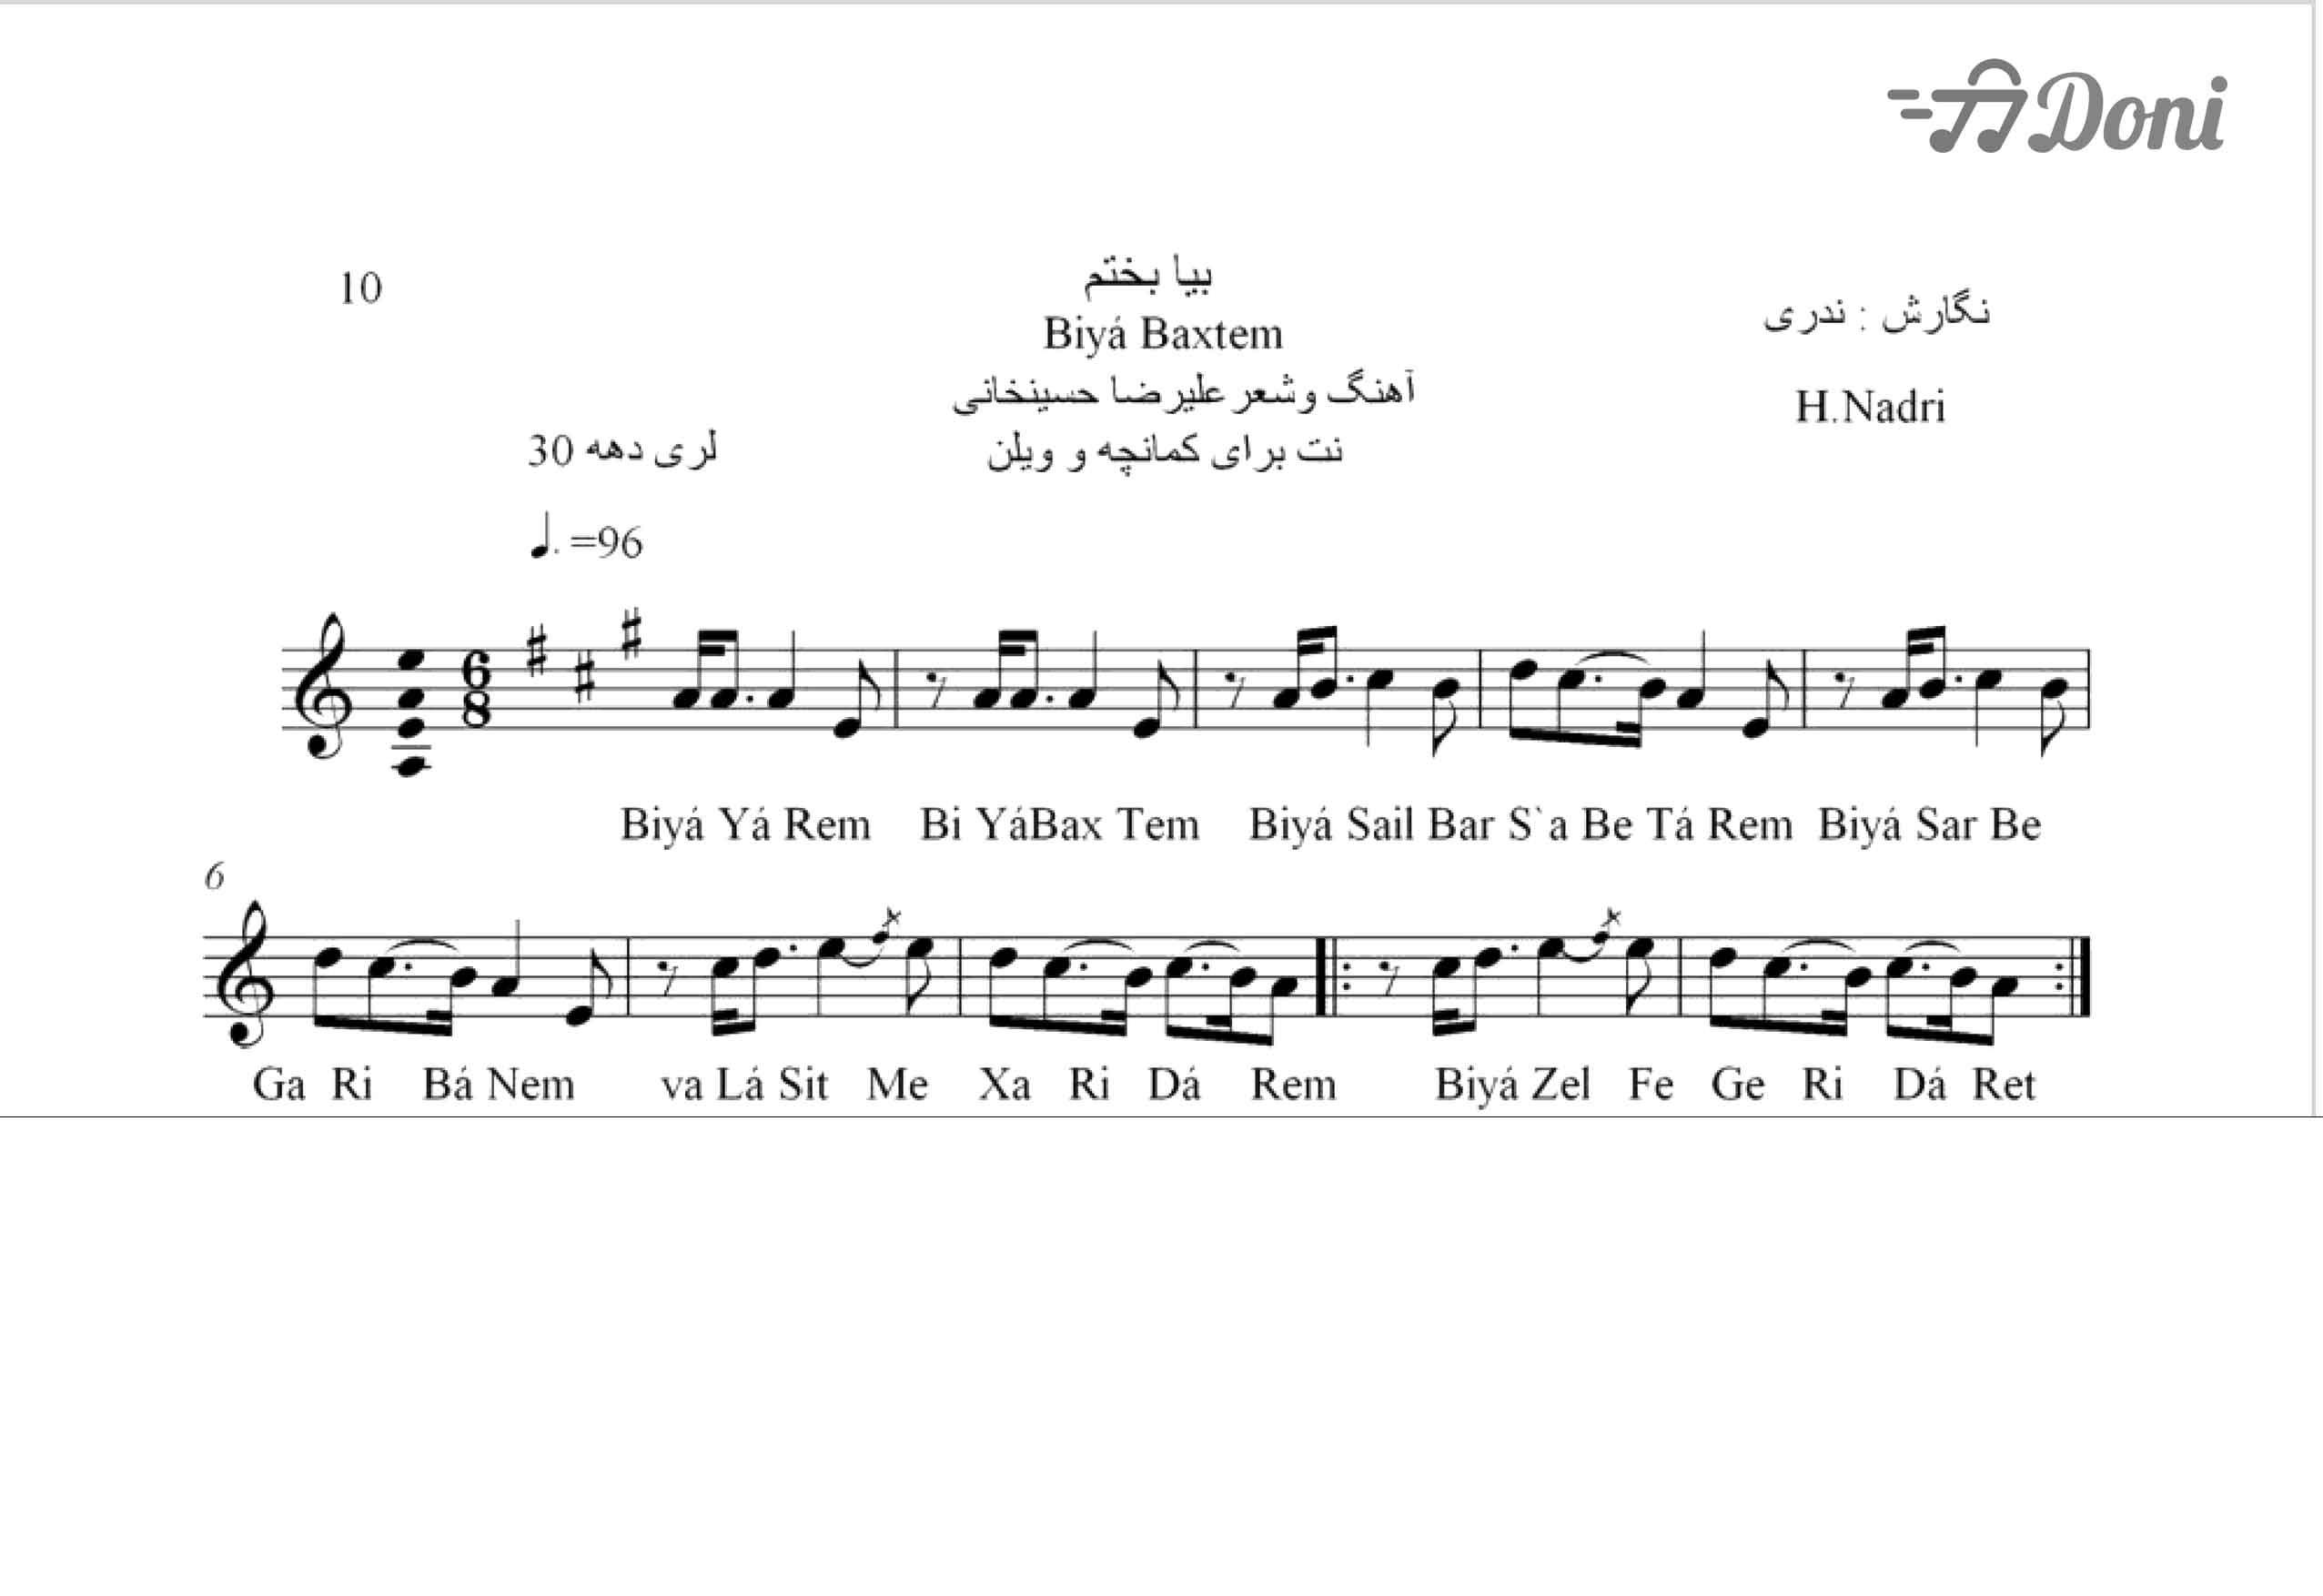 نت آهنگ بیا بختم محلی لری حجت اله ندری قابل اجرا با کمانچه و دیگر سازها